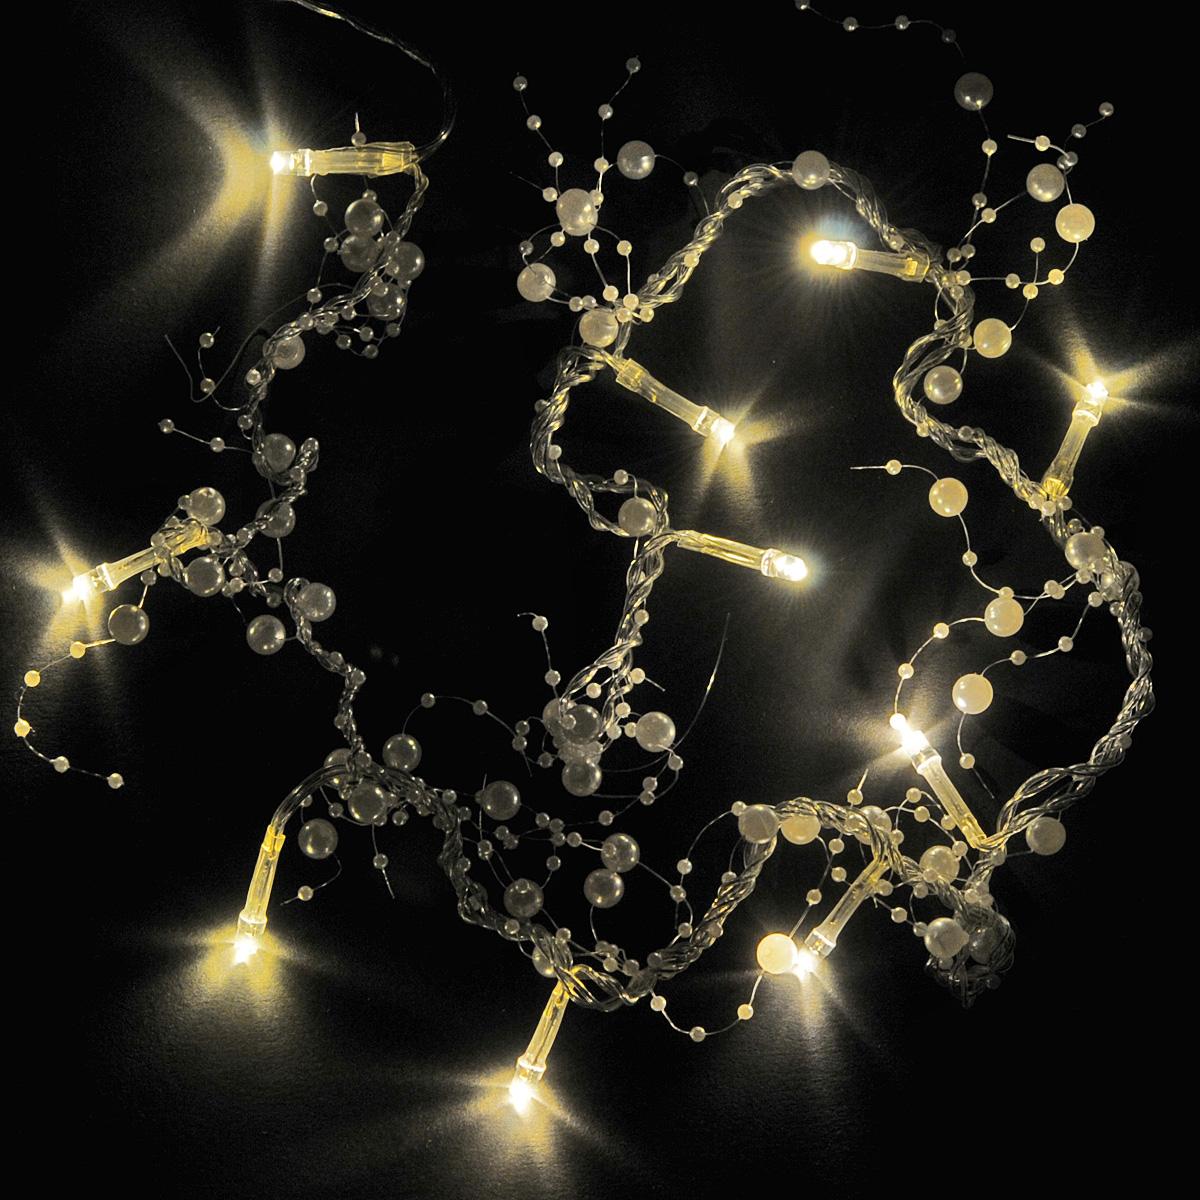 Гирлянда электрическая Lunten Ranta Жемчуг, цвет: белый, 10 светодиодов, 2 м67628Гирлянда электрическая Lunten Ranta Жемчуг выполнена из акрила. Гирлянда выполнена в оригинальном стиле и декорирована жемчугом. Такая гирлянда украсит ваш дом изнутри. Оригинальный дизайн и красочное исполнение создадут праздничное настроение. Откройте для себя удивительный мир сказок и грез. Почувствуйте волшебные минуты ожидания праздника, создайте новогоднее настроение вашим дорогим и близким. Работает от 2-х батареек тапа АА напряжением 1.5 V (в комплект не входит).